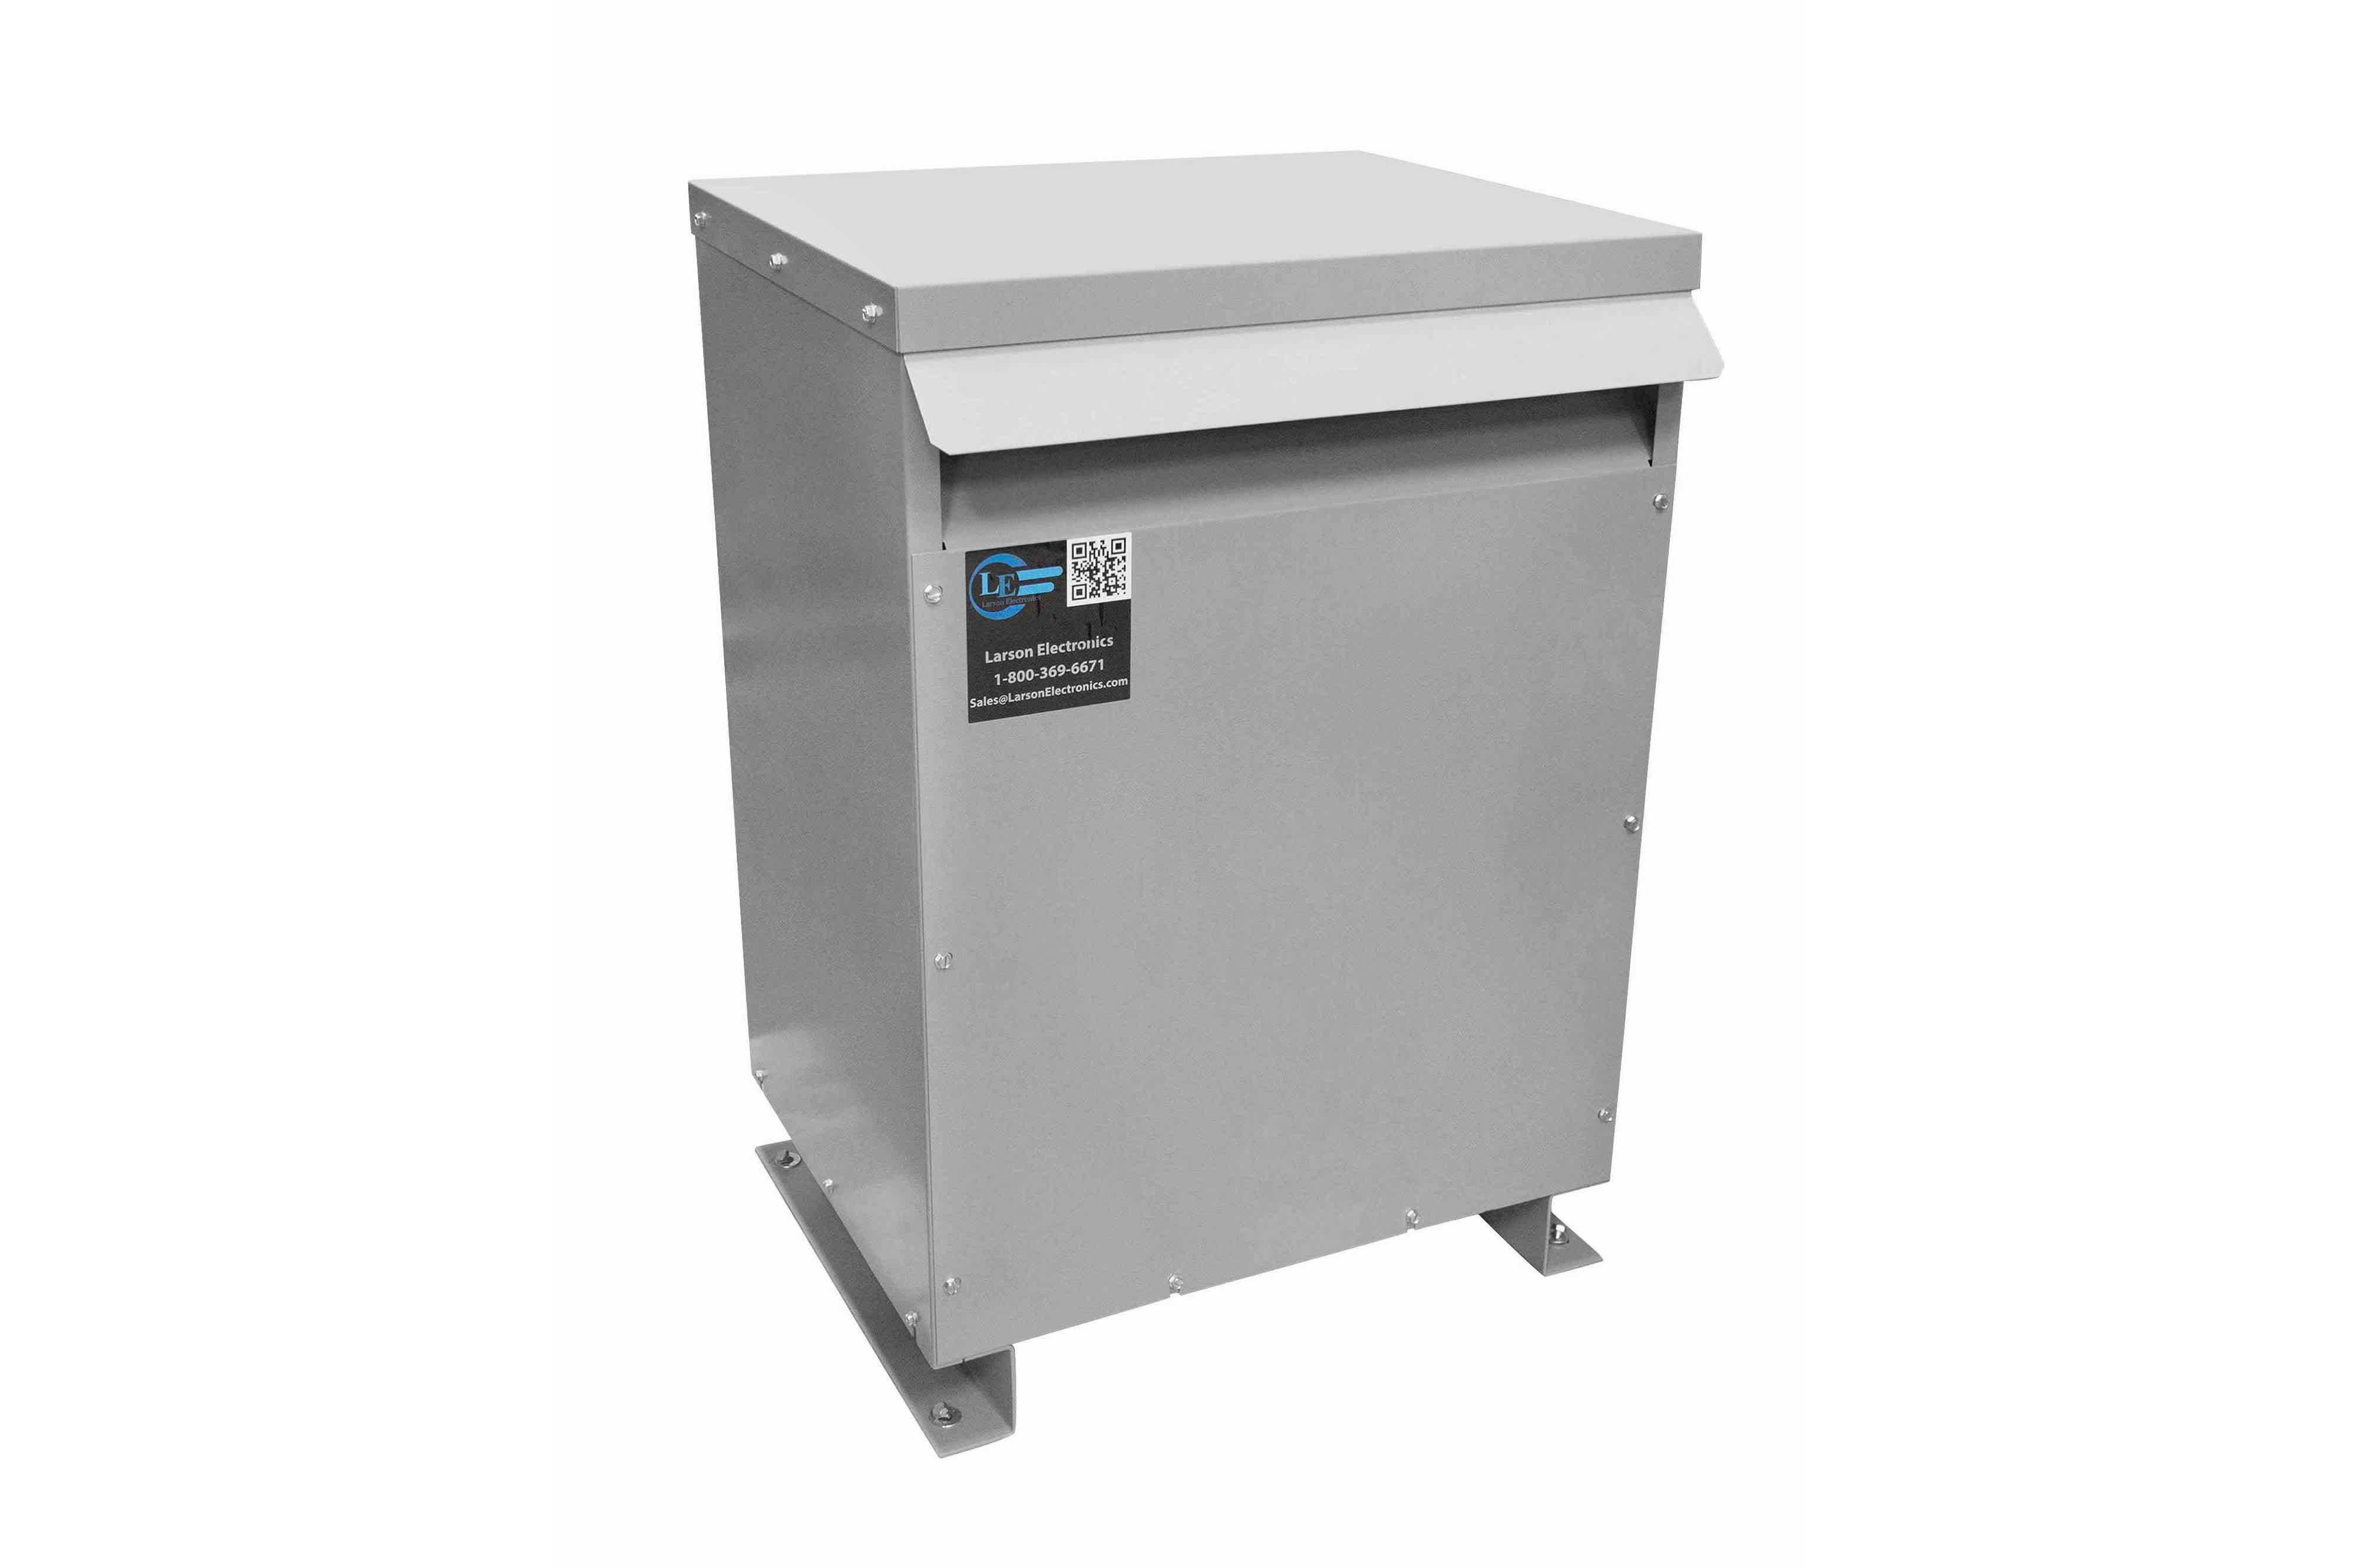 26 kVA 3PH Isolation Transformer, 208V Delta Primary, 208V Delta Secondary, N3R, Ventilated, 60 Hz